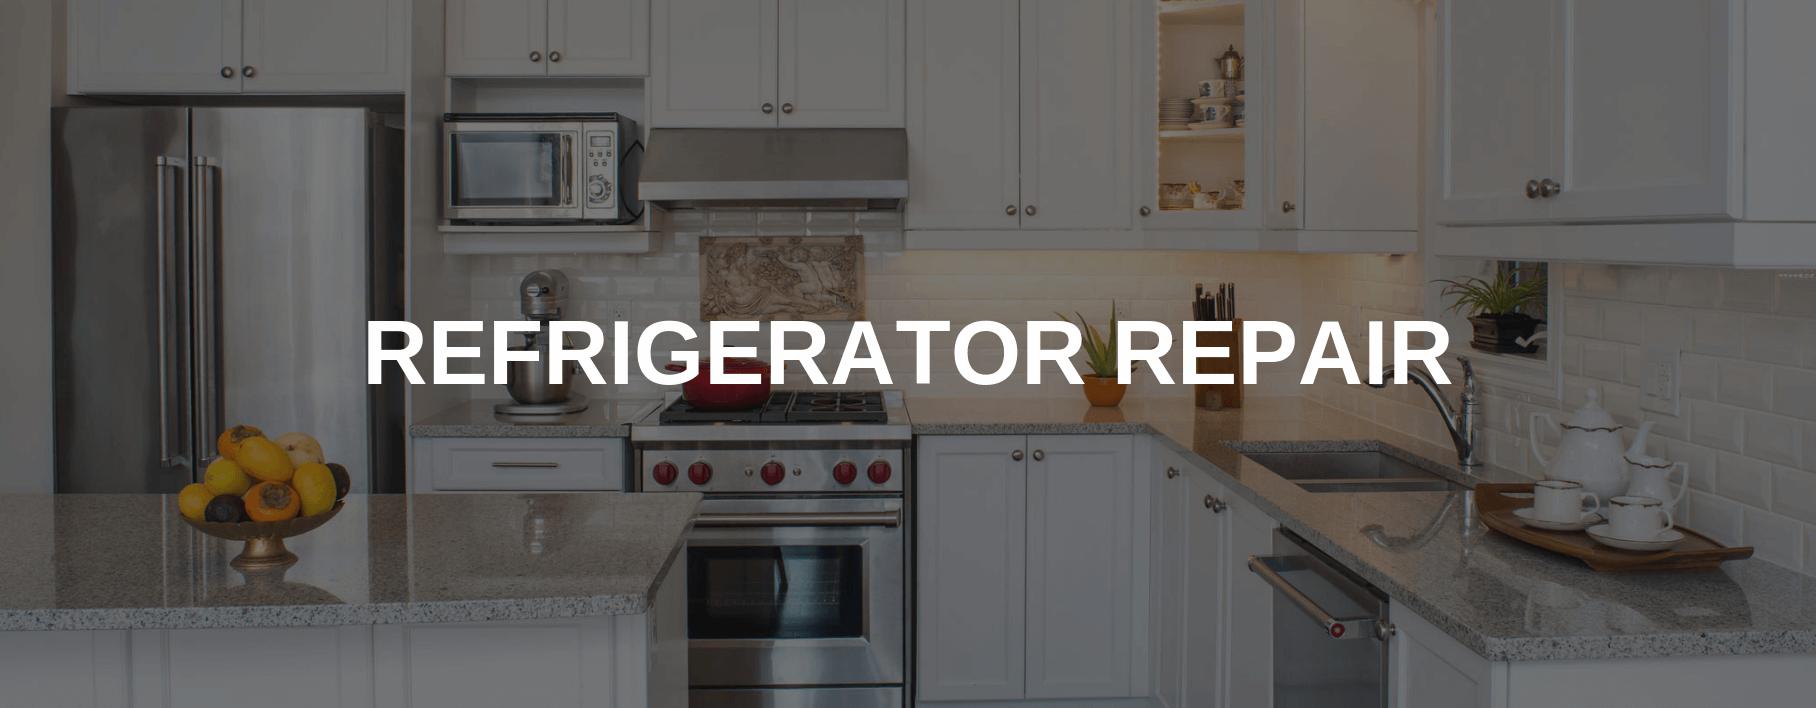 refrigerator repair fort lauderdale